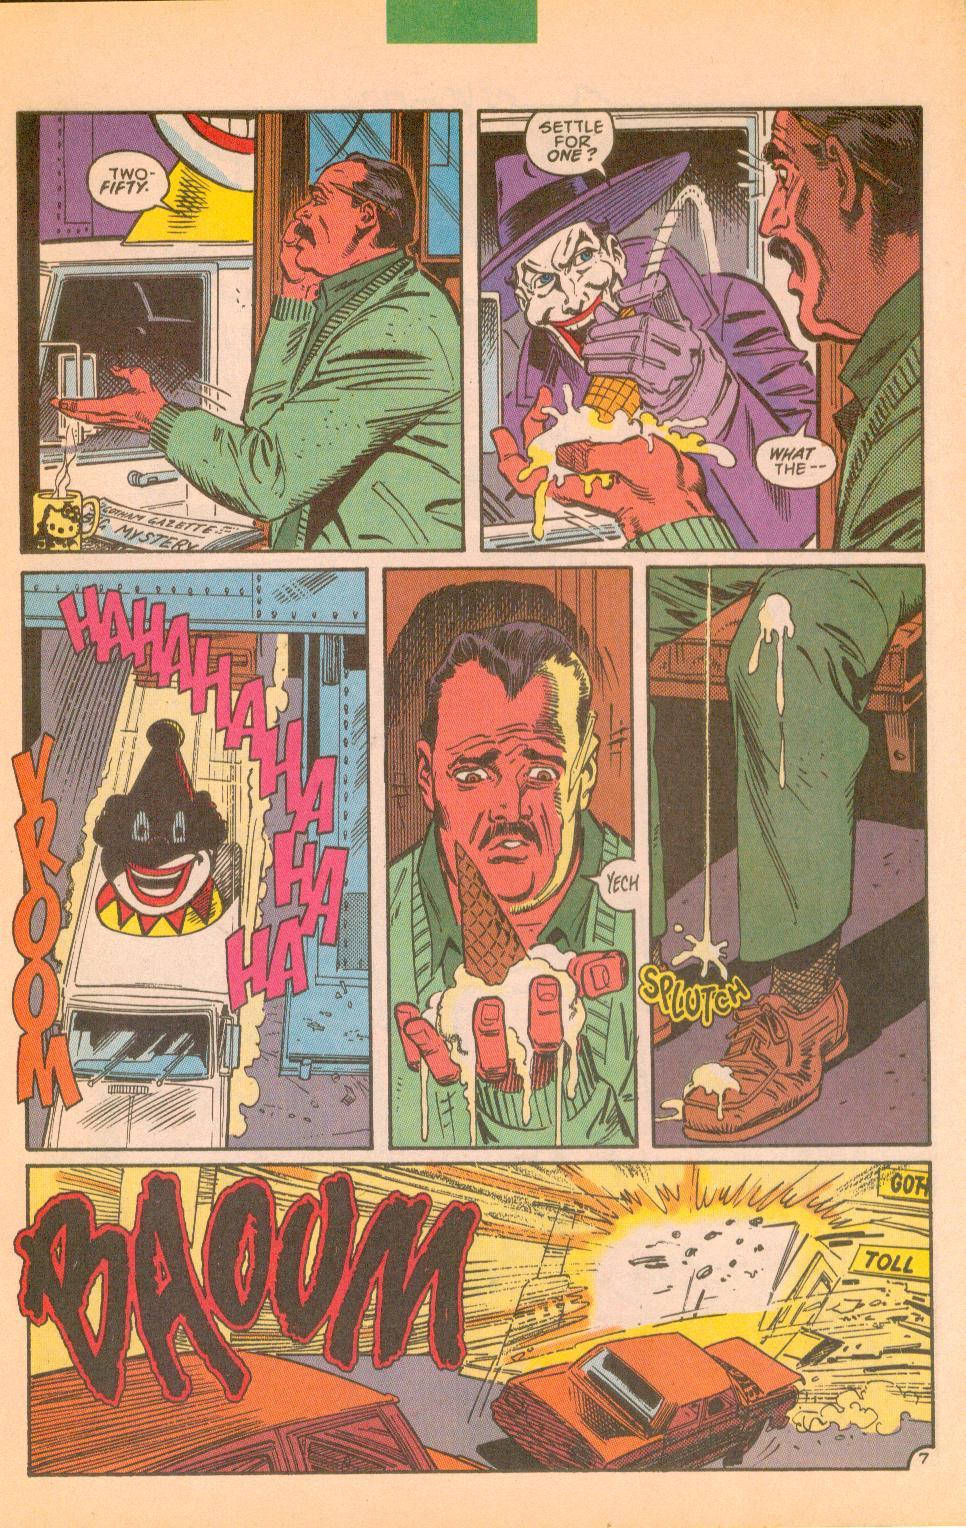 http://2.bp.blogspot.com/-imTnaYFfPUc/UEYyZMkO6hI/AAAAAAAAYIc/yWTHVI-R_ko/s1600/scarecrow022.jpg